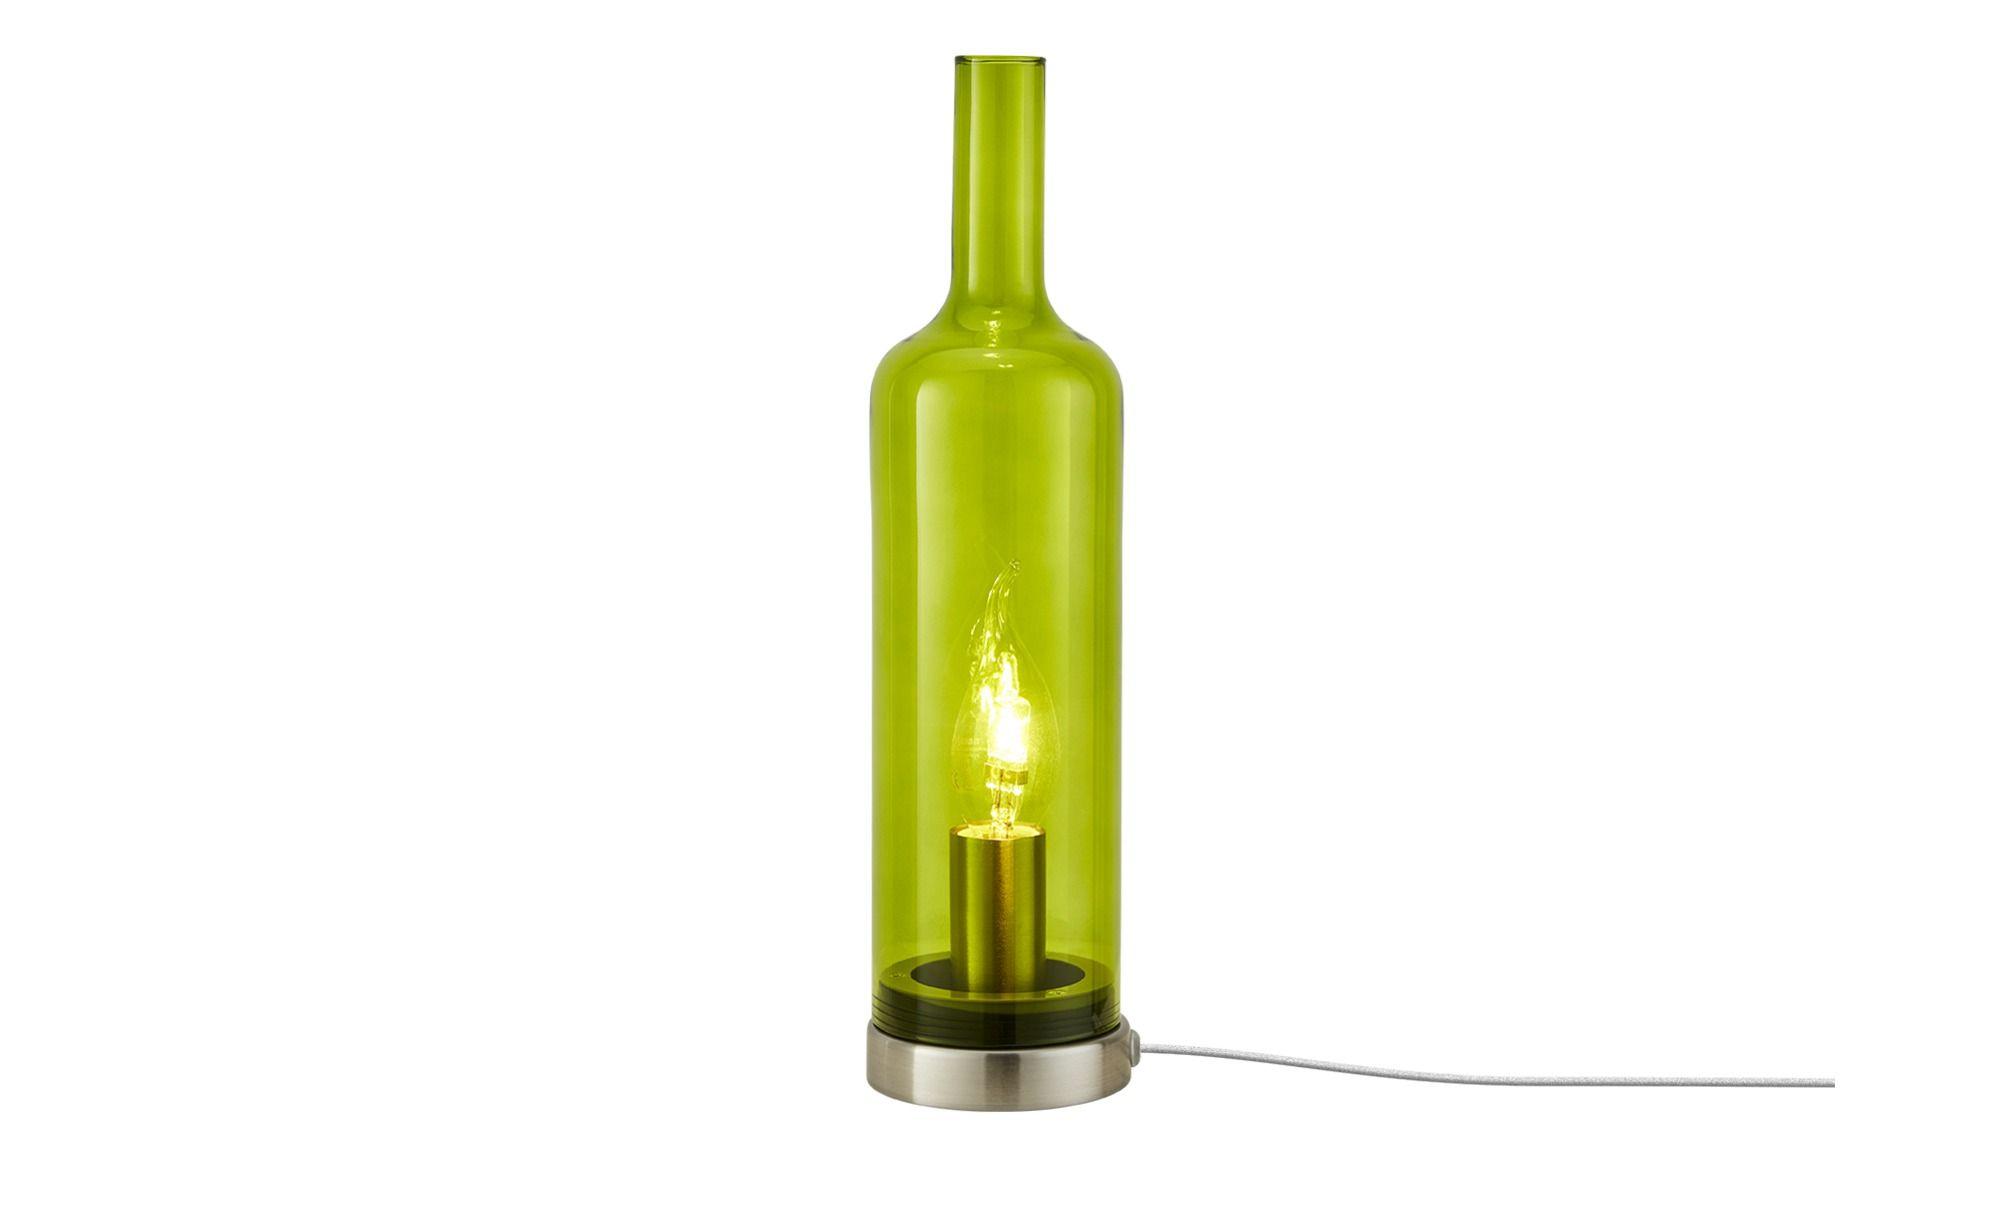 Glastischleuchte In Flaschenform In 2020 Lampen Und Leuchten Lampen Glas Material